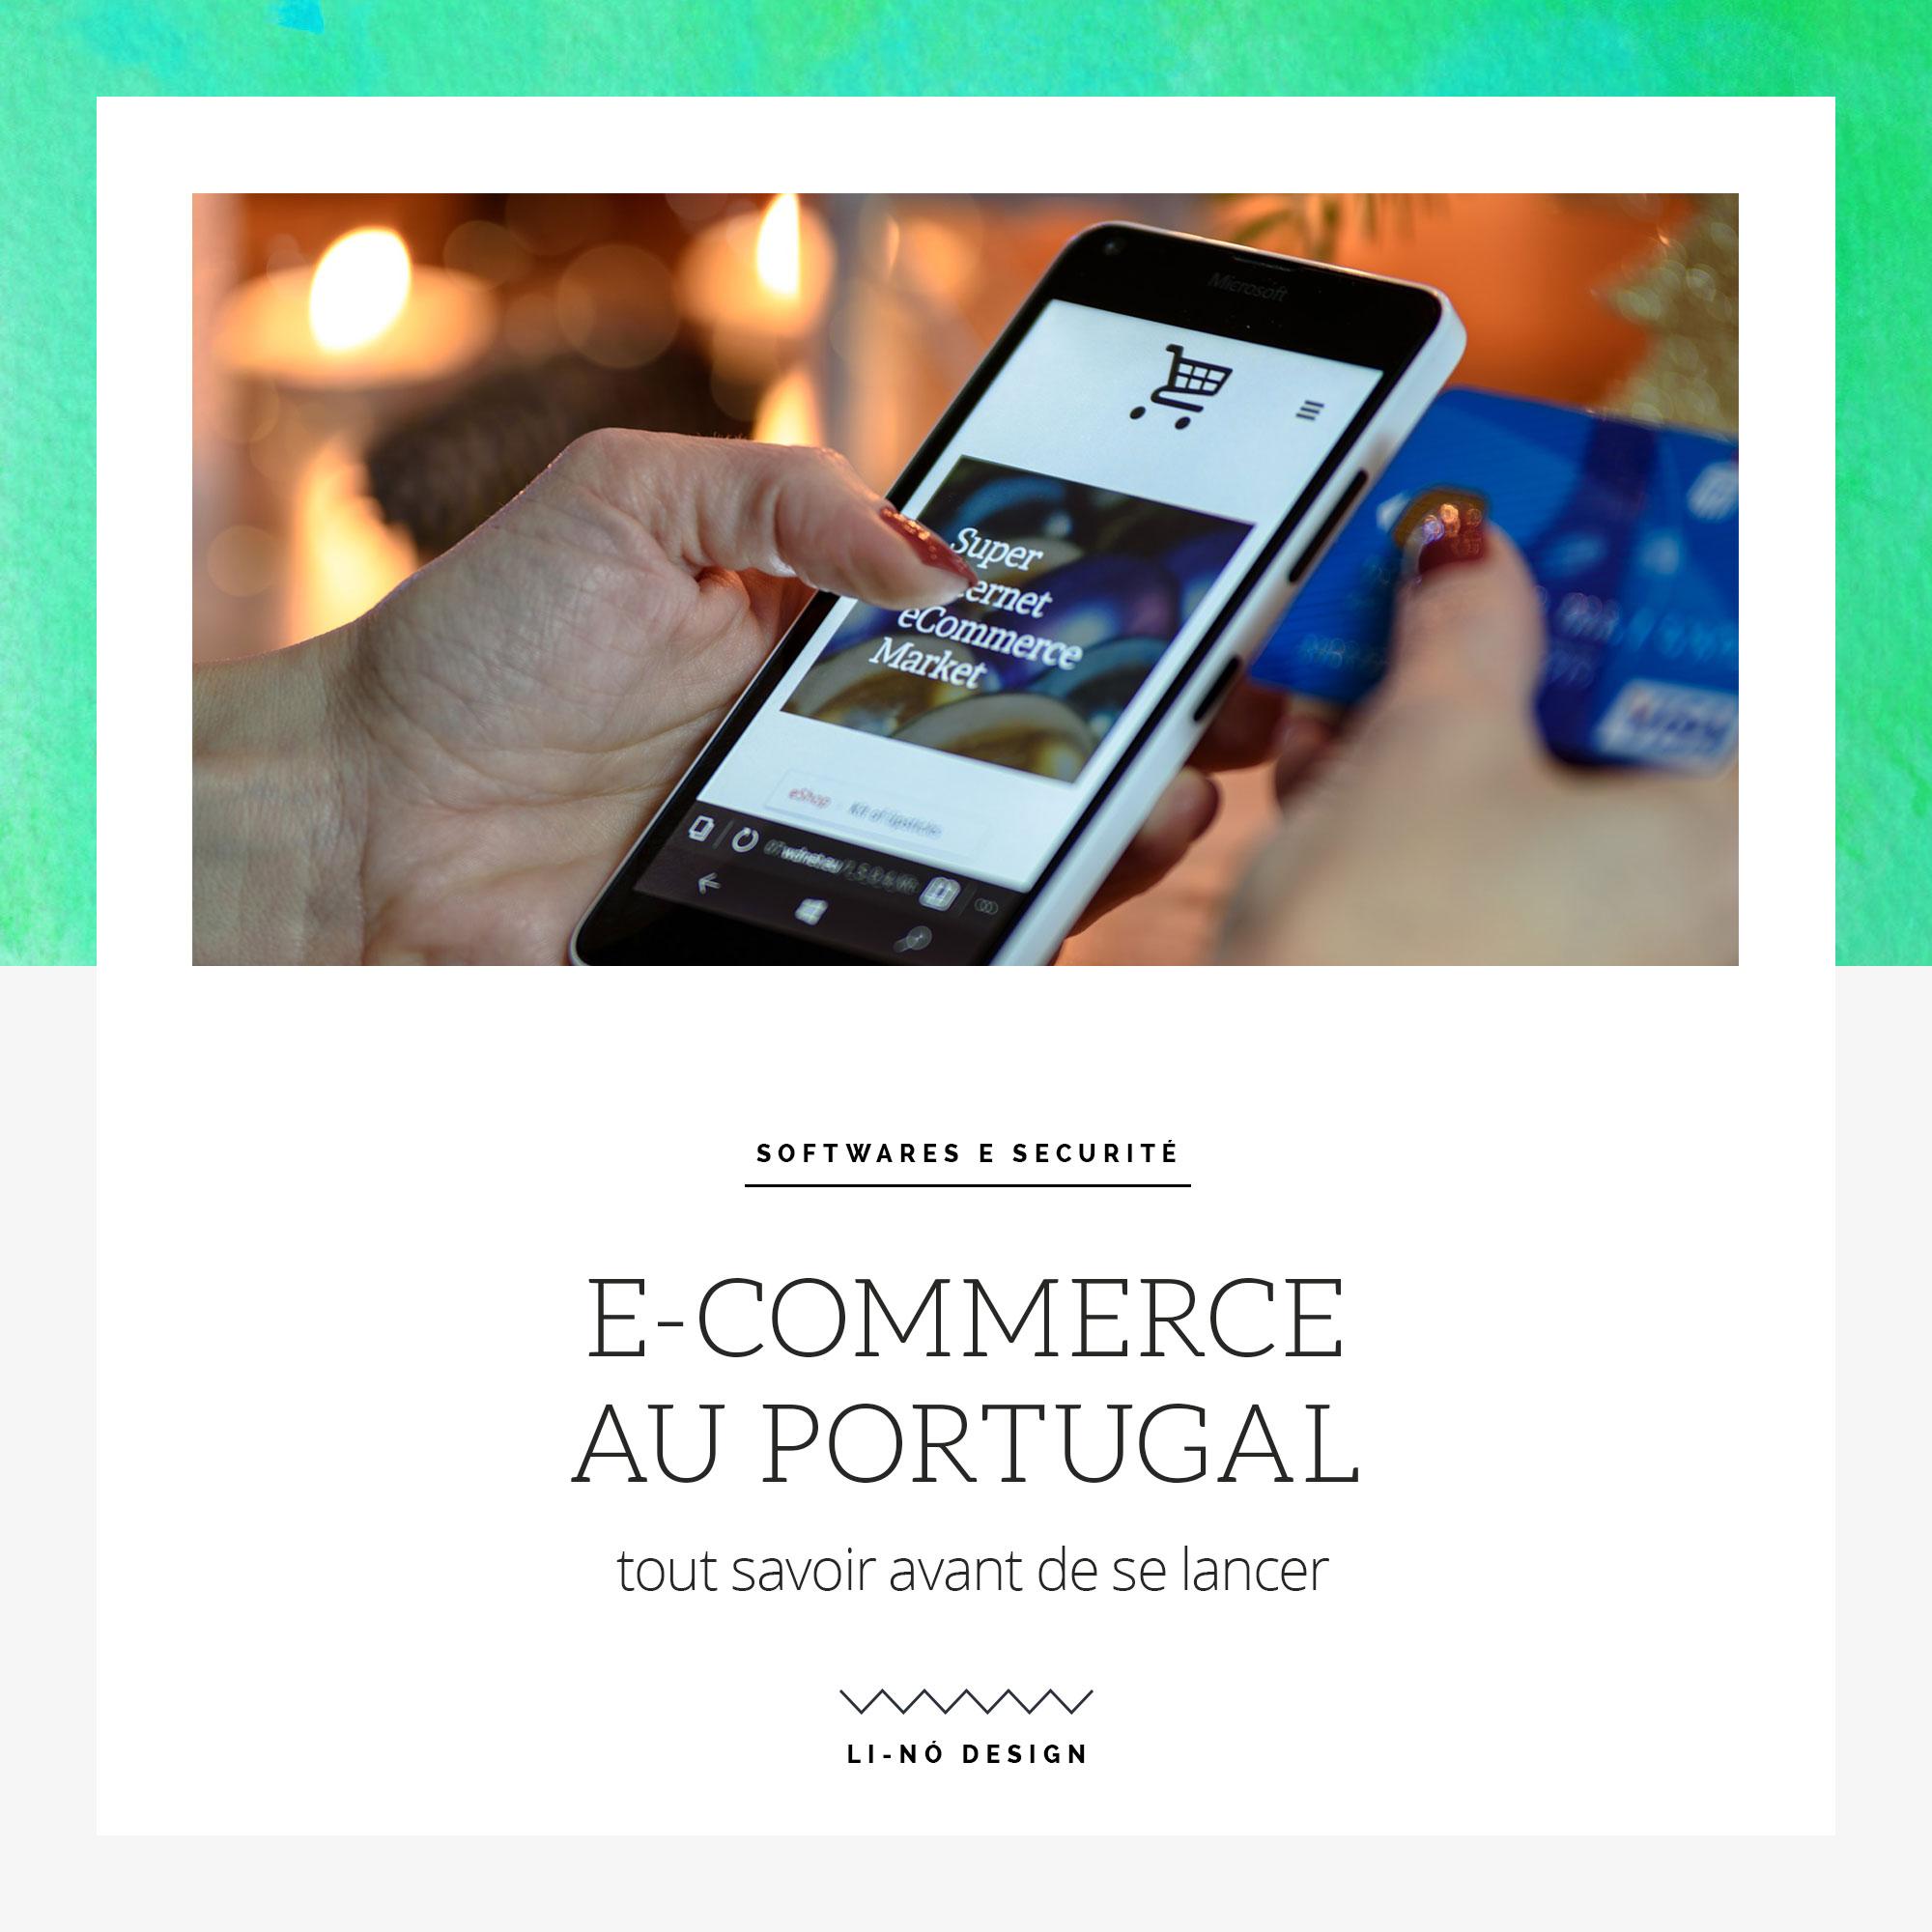 e-commerce au portugal